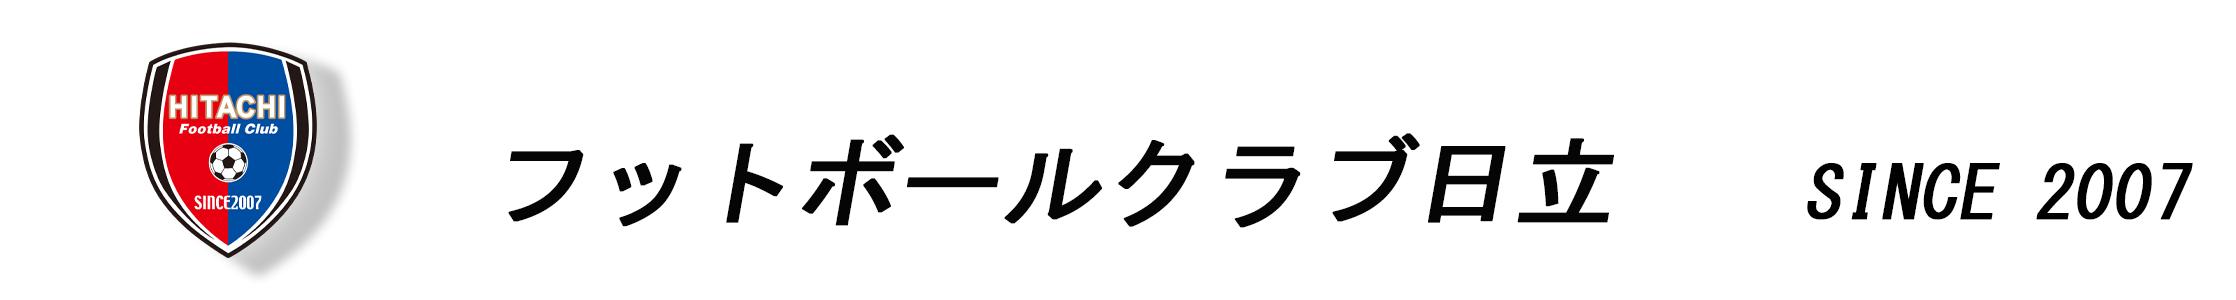 FC日立(フットボールクラブ日立)